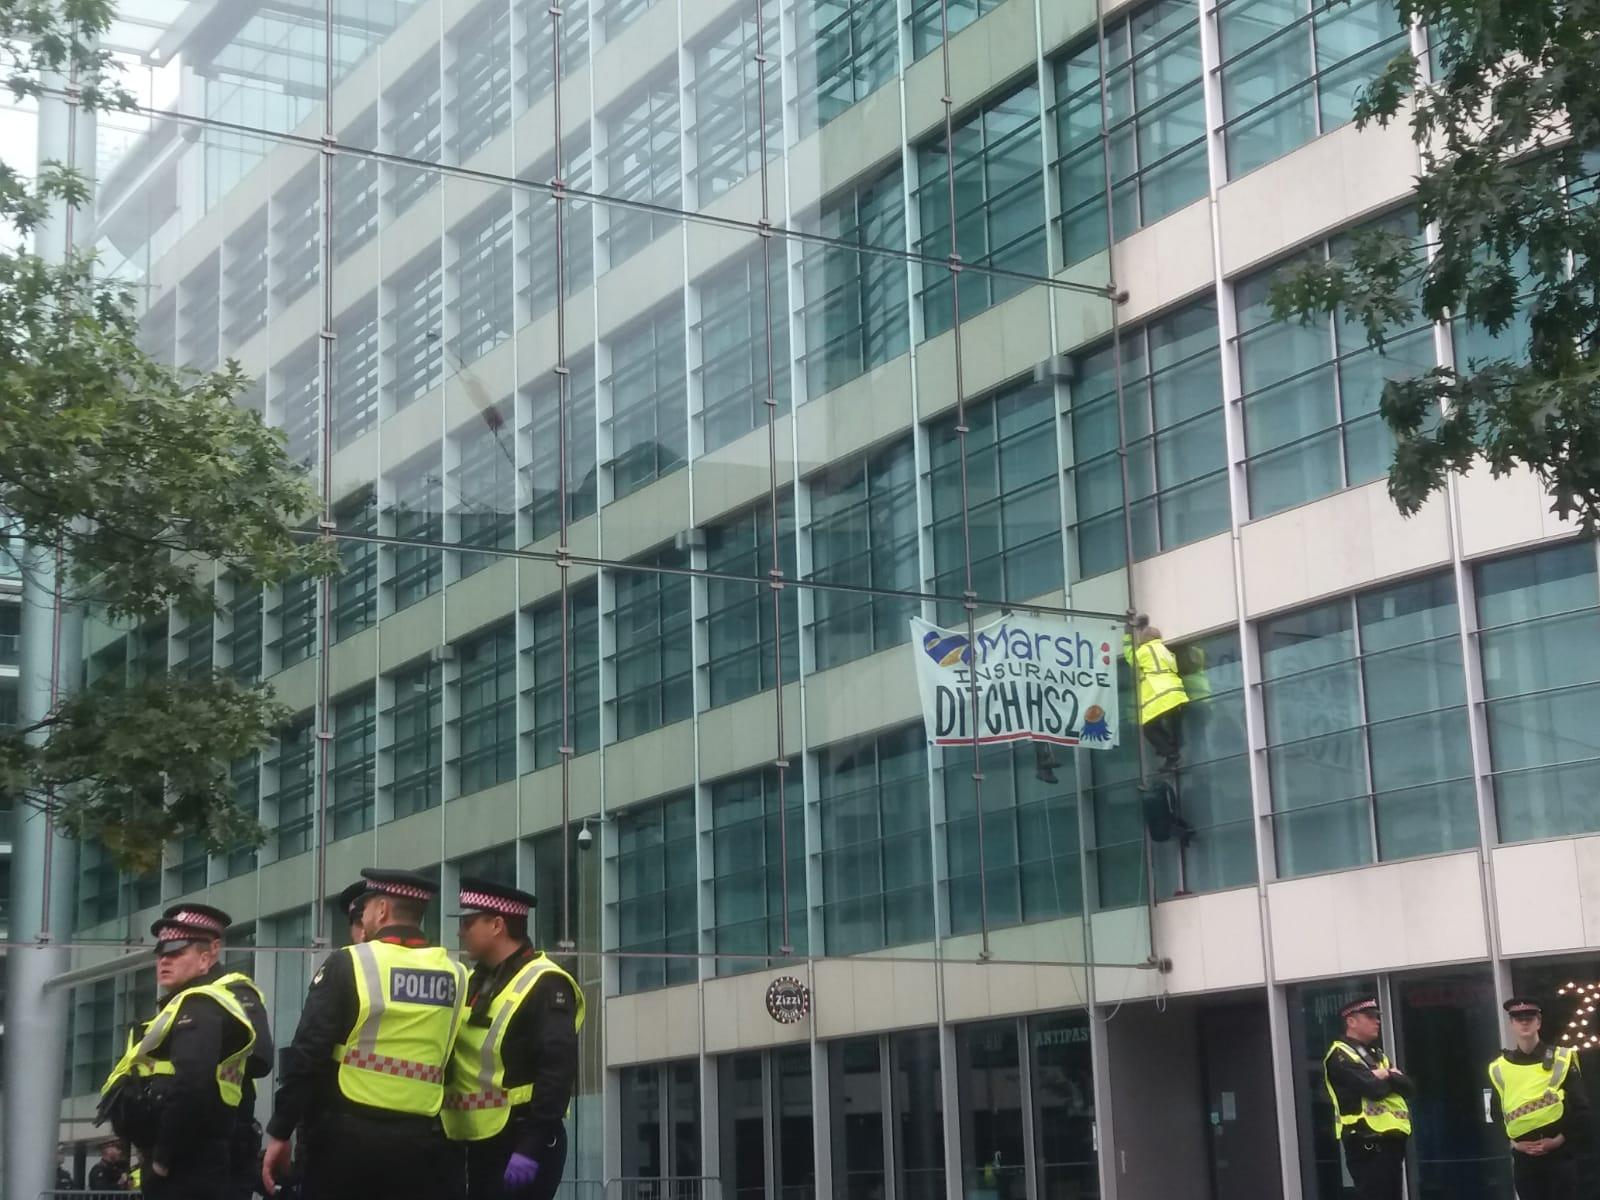 HS2 Rebellion Activists Climb Insurer's Building